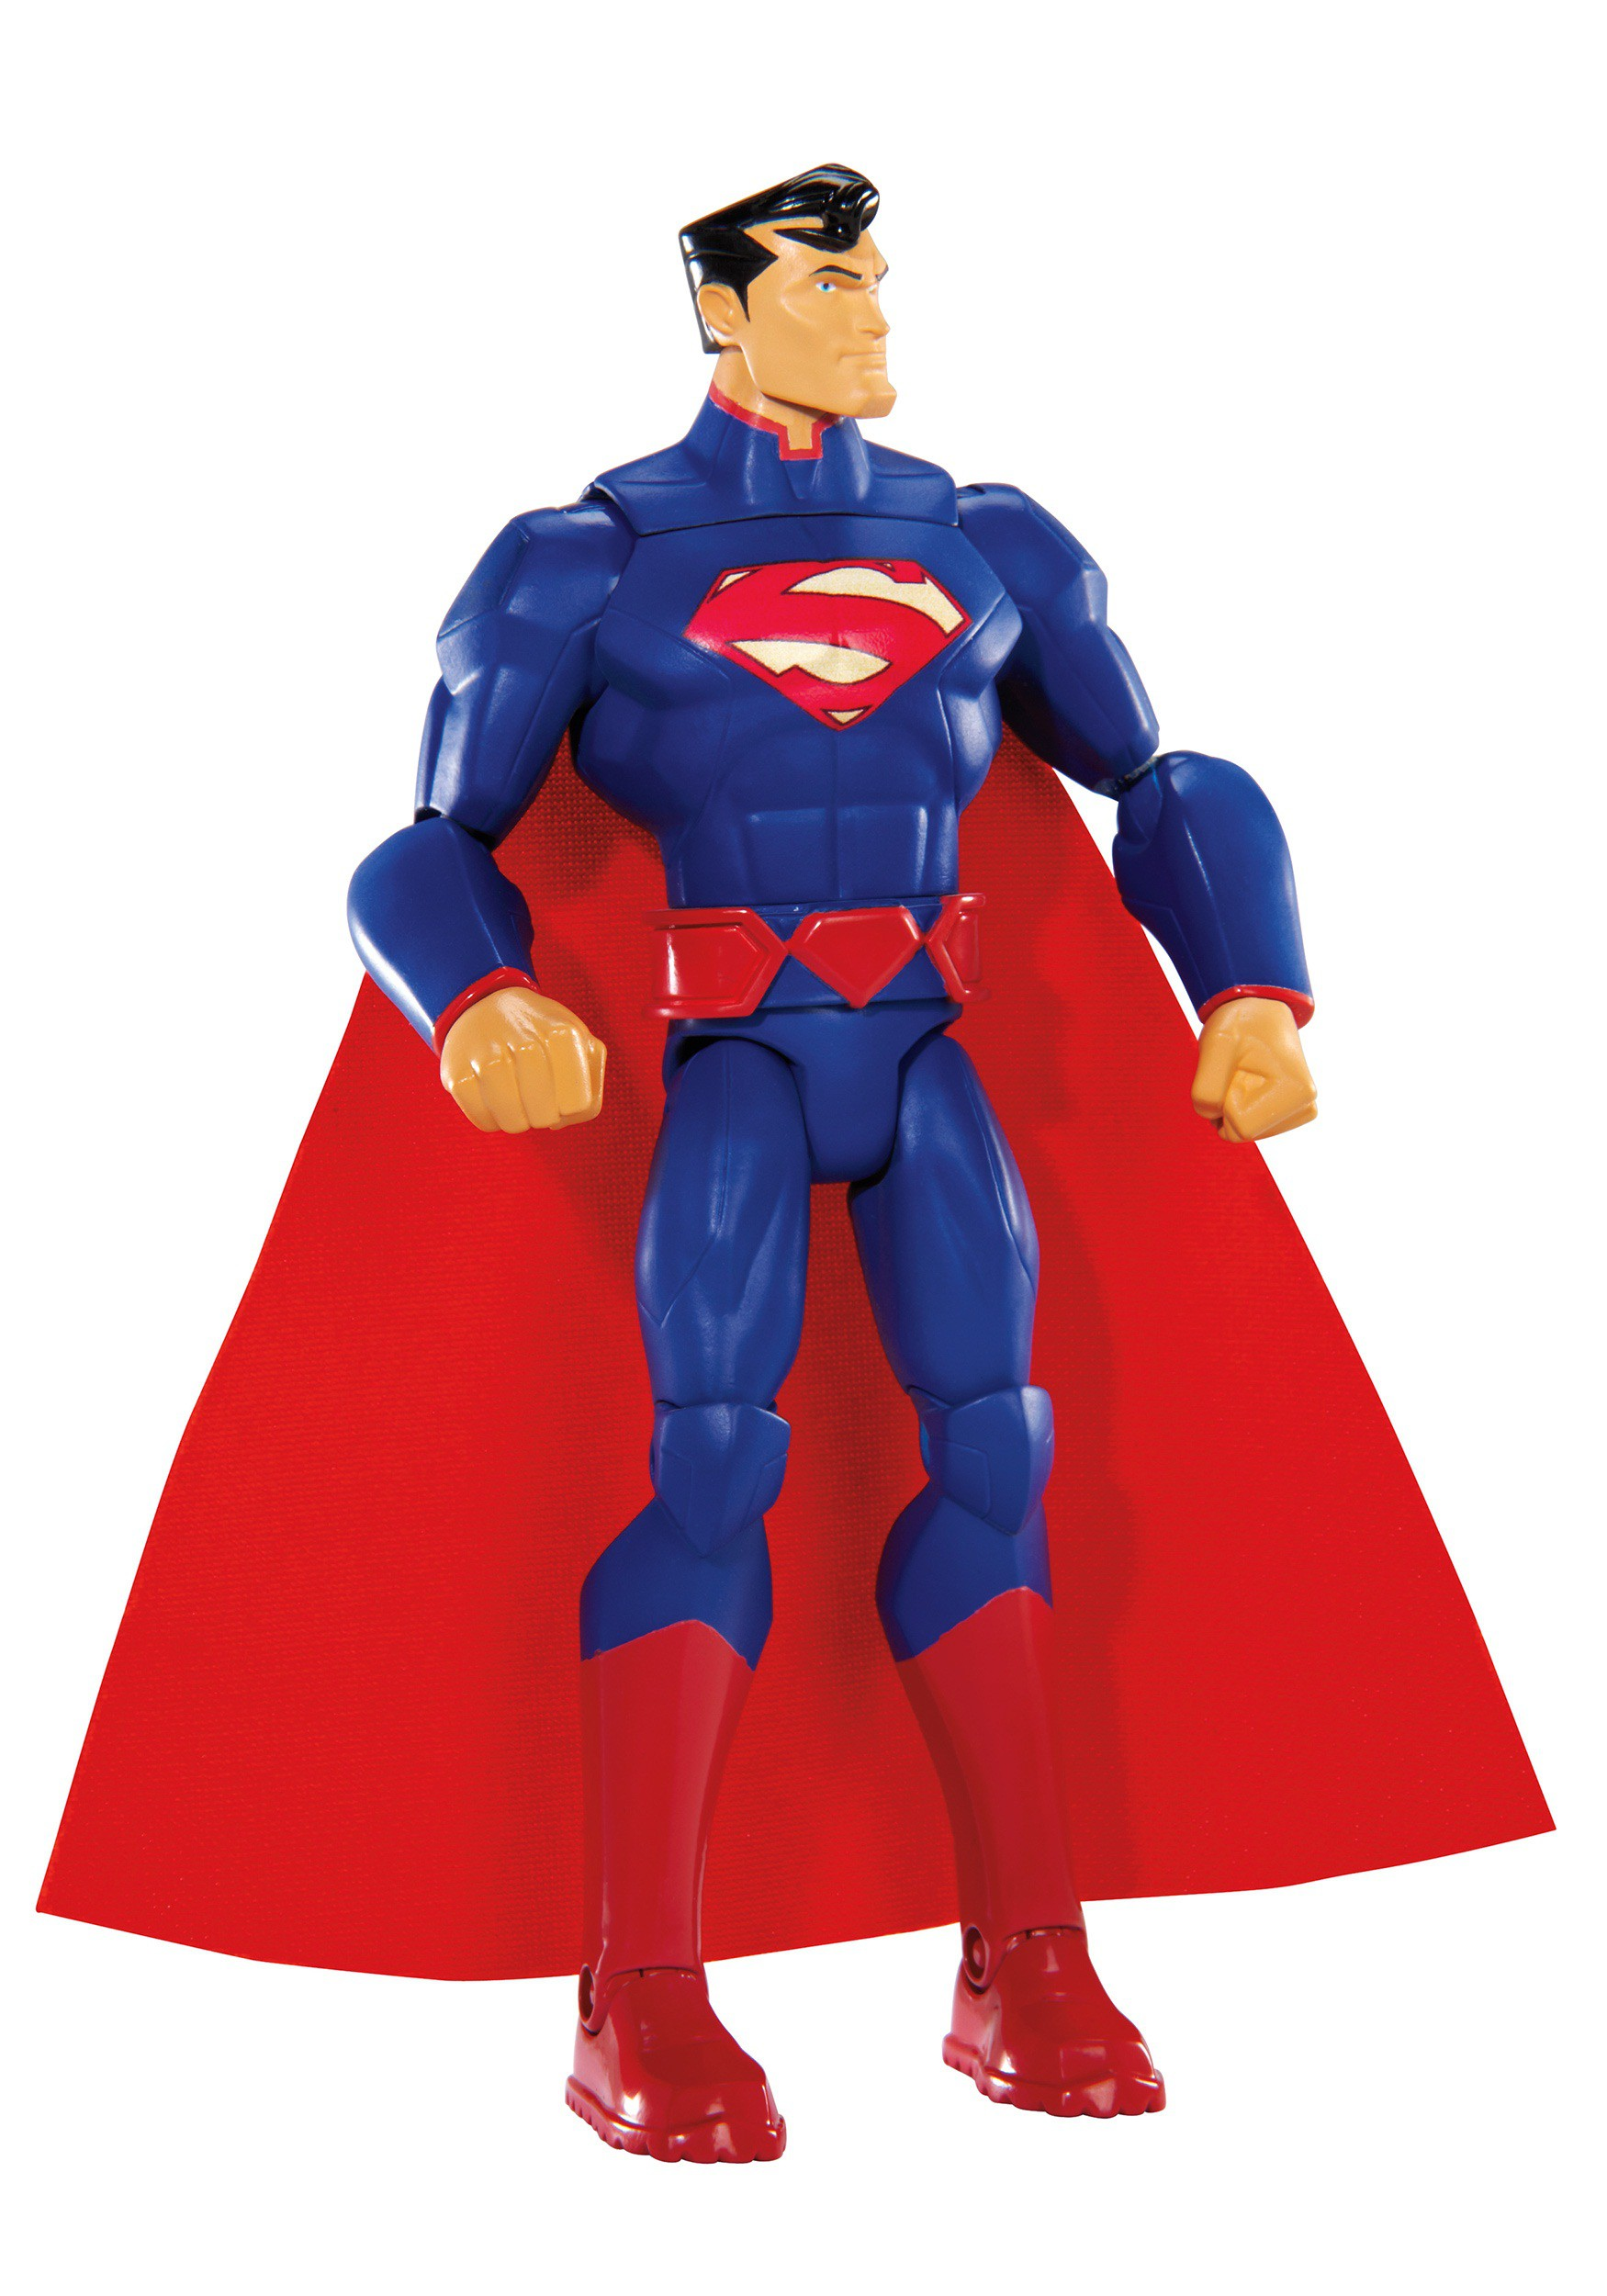 Total Heroes Superman Figure